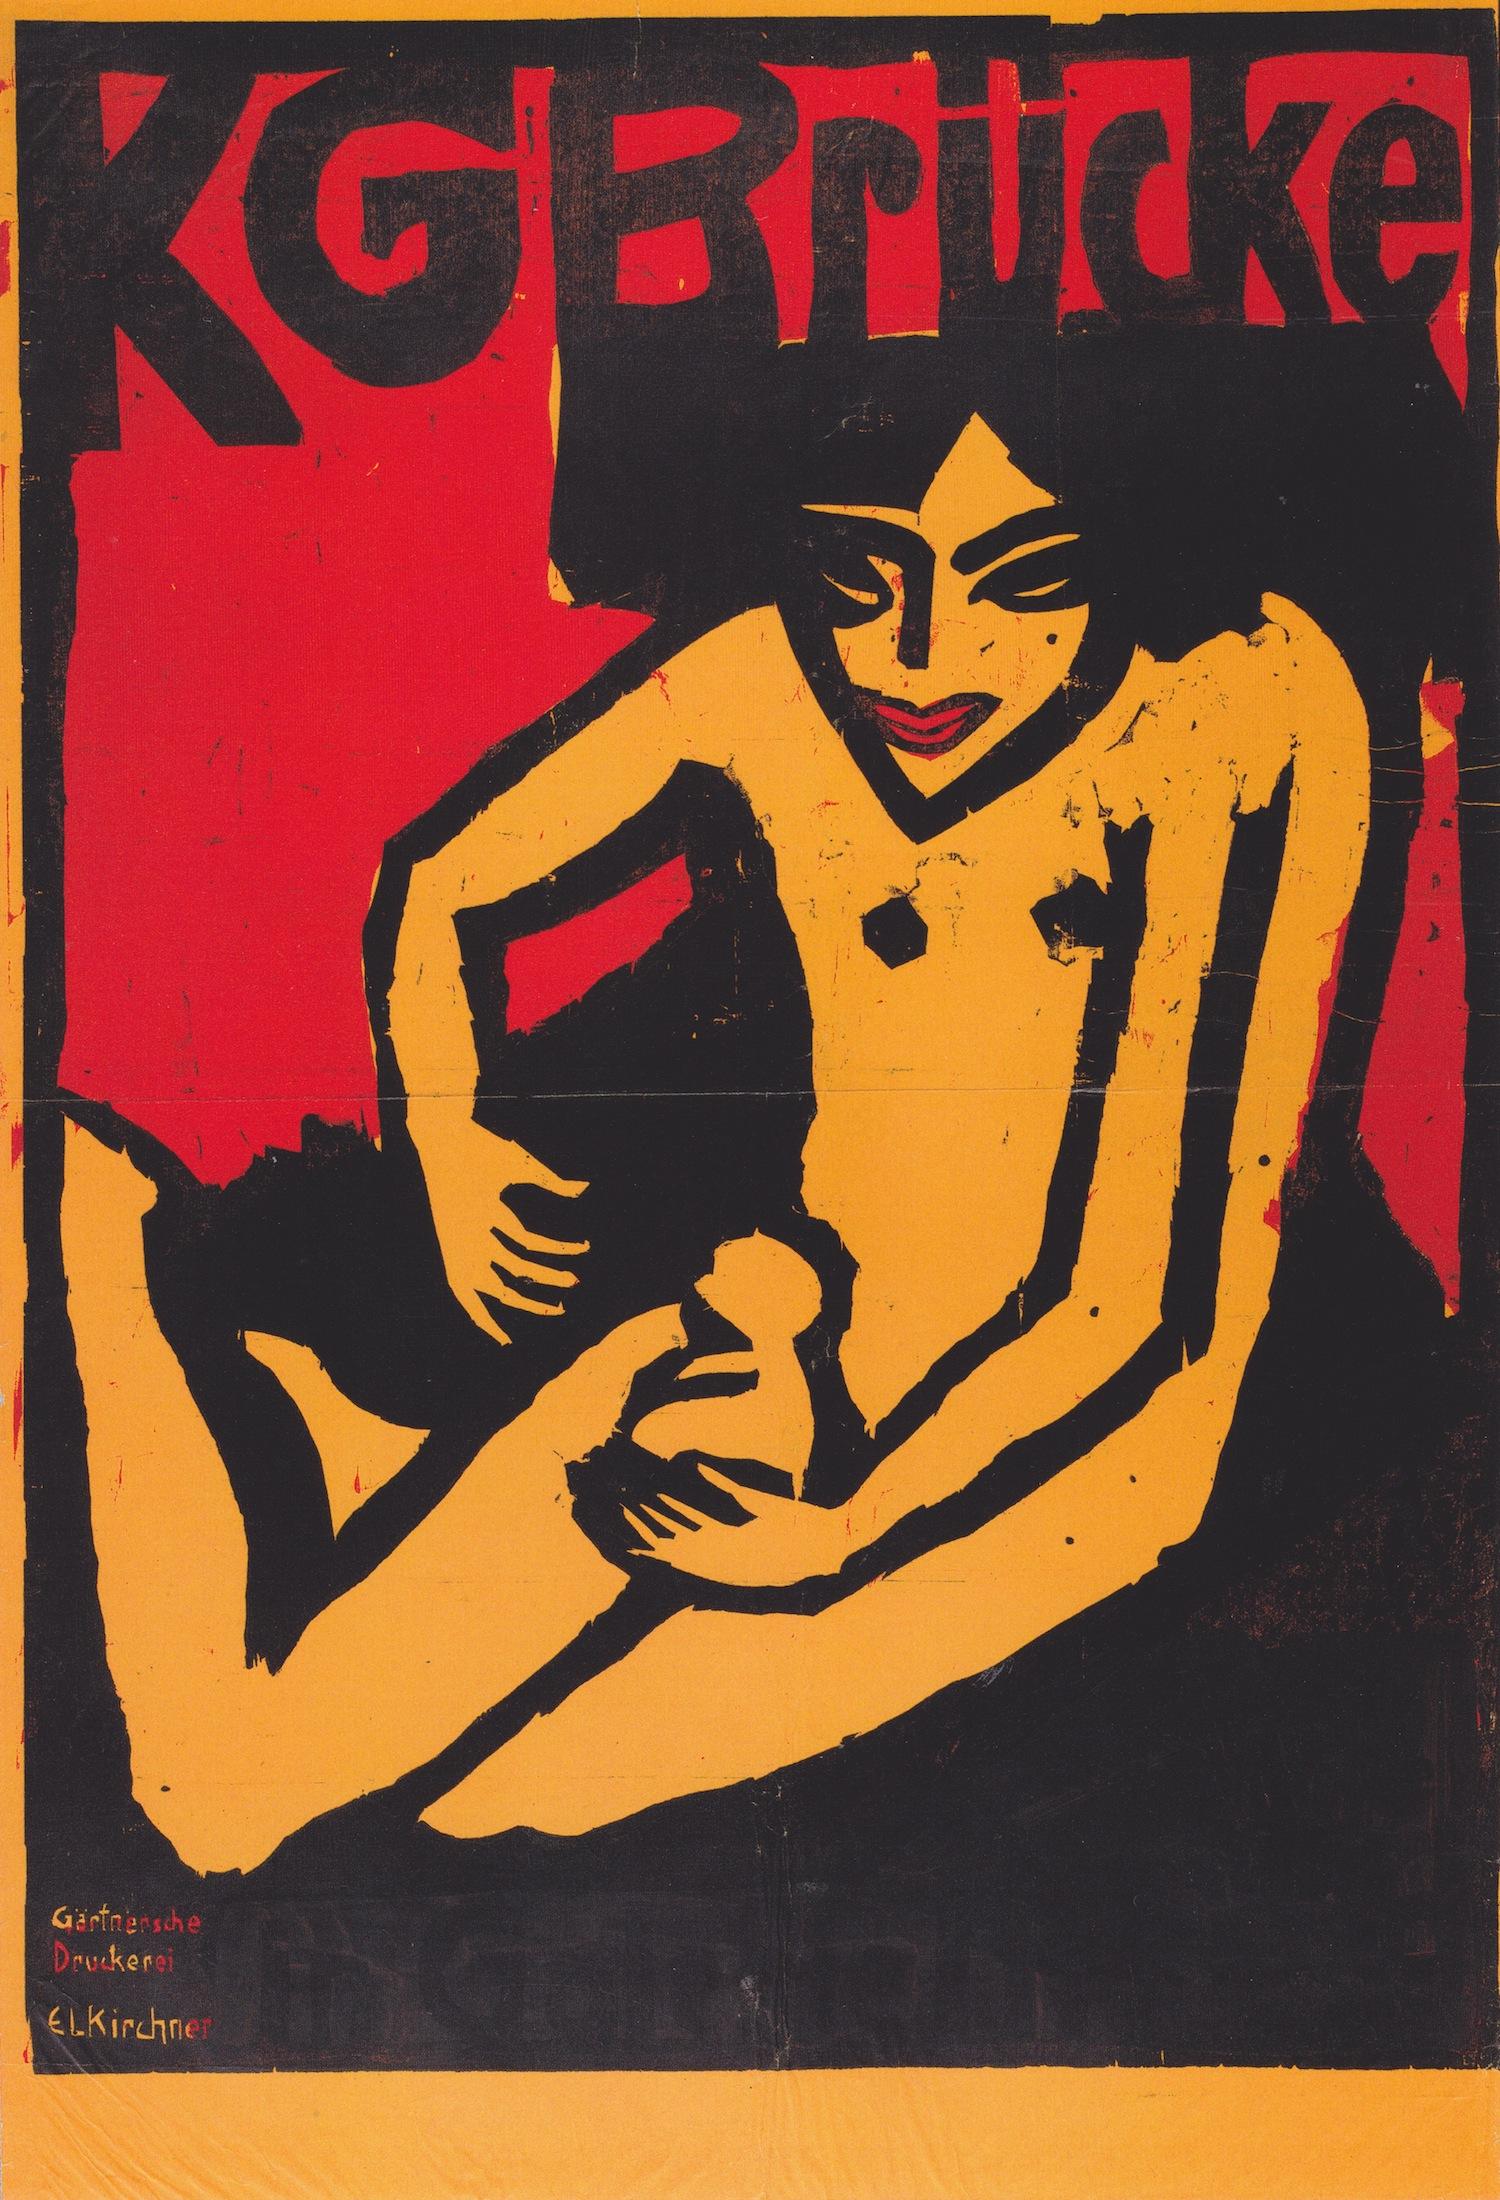 Ernst Ludwig Kirchner, member of Die Brücke art group,